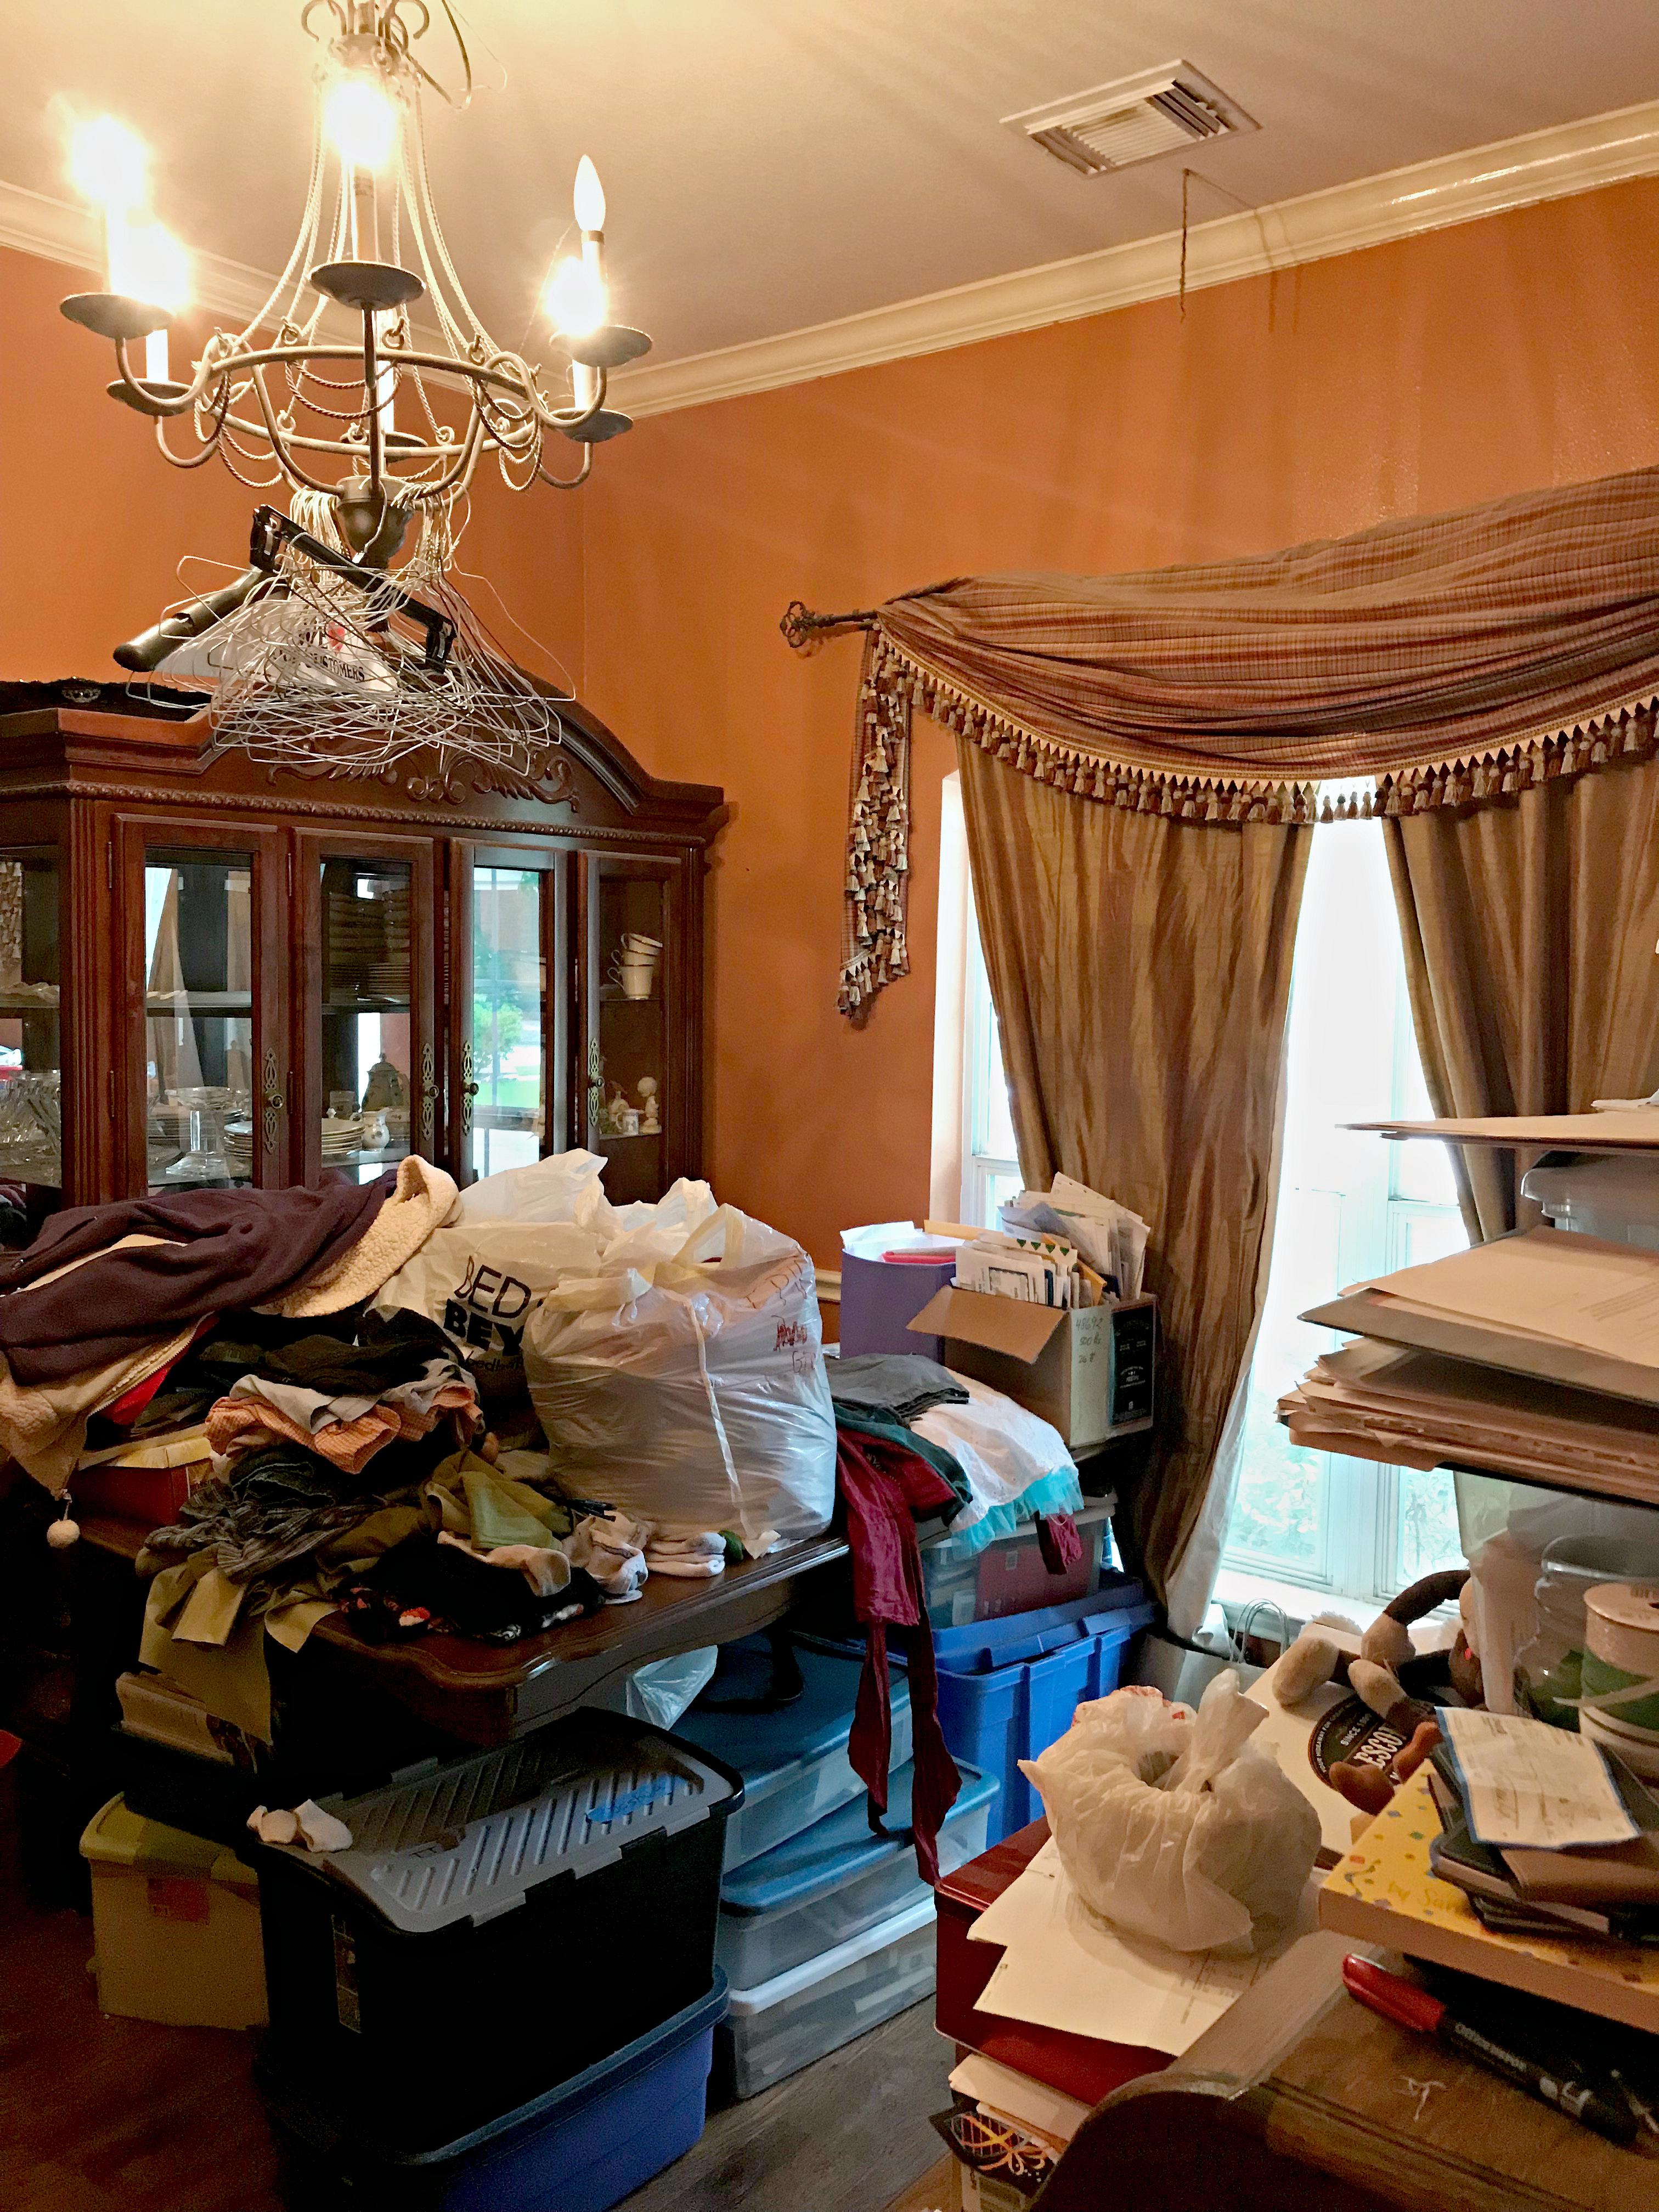 Before decluttering One Room Challenge